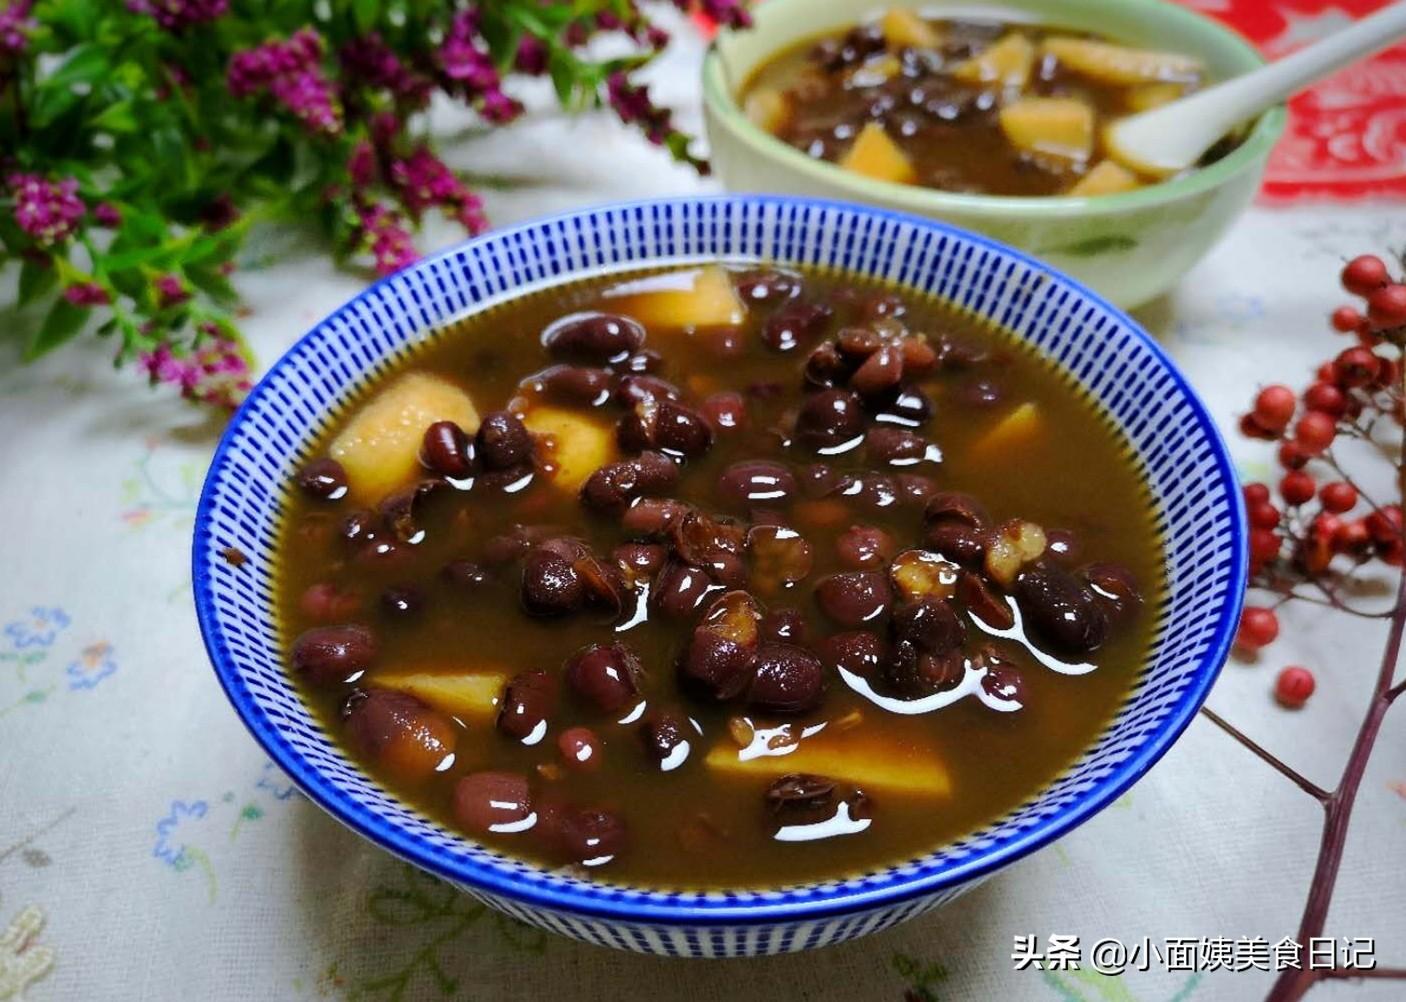 三八女神节,女人再忙也别忘了爱自己,常喝这些汤,从头美到脚 食疗养生 第2张